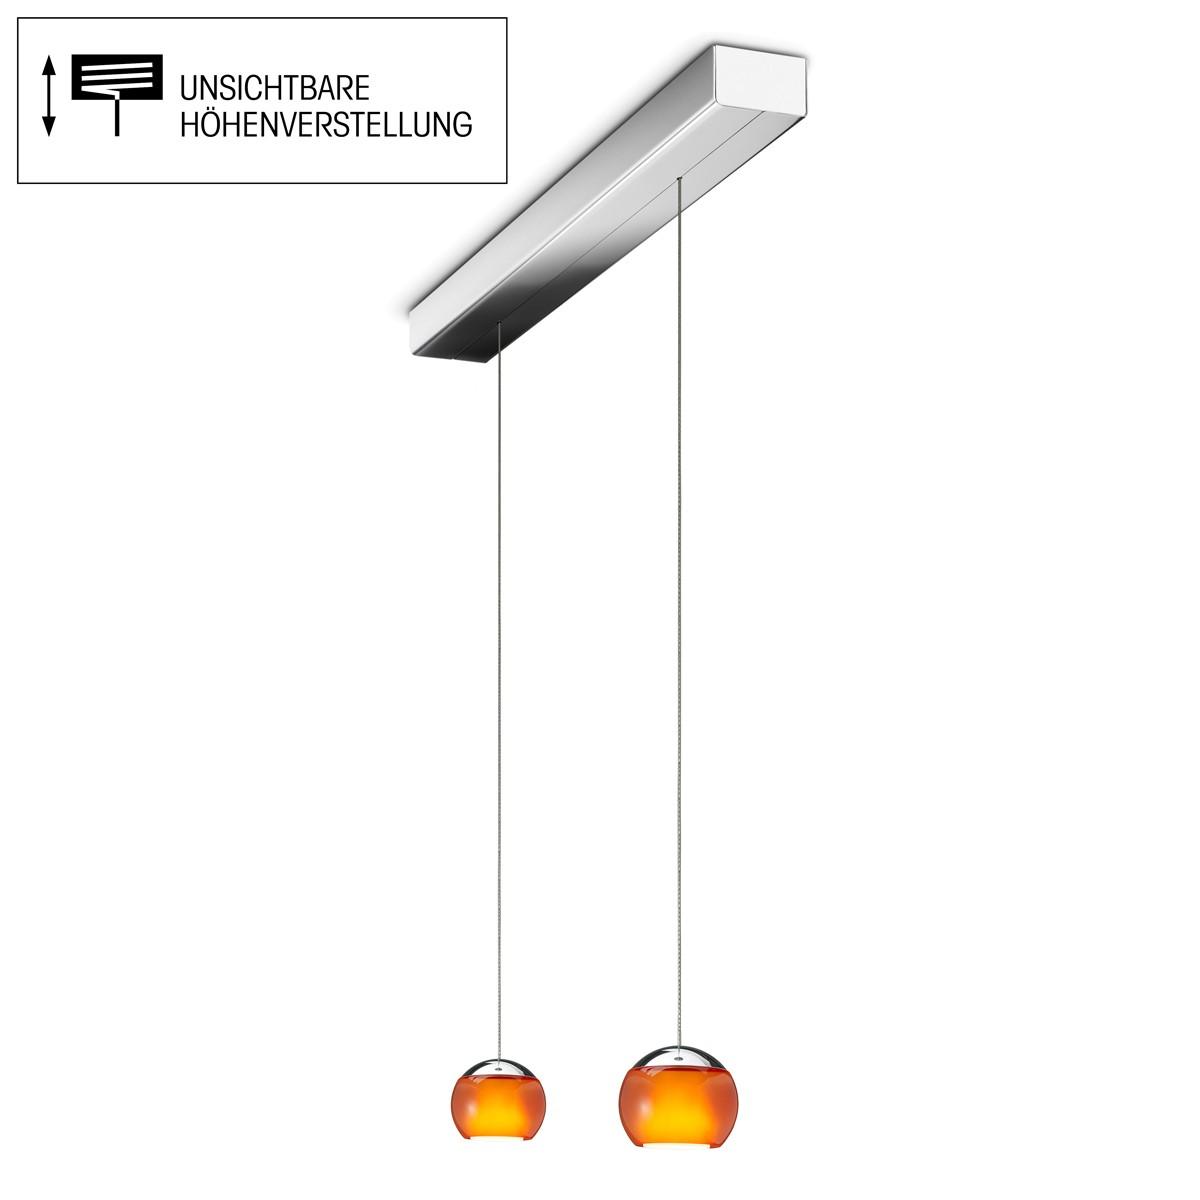 Oligo Balino LED Pendelleuchte, 2-flg., unsichtbare Höhenverstellung, Baldachin: Chrom, Chrom / orange glänzend